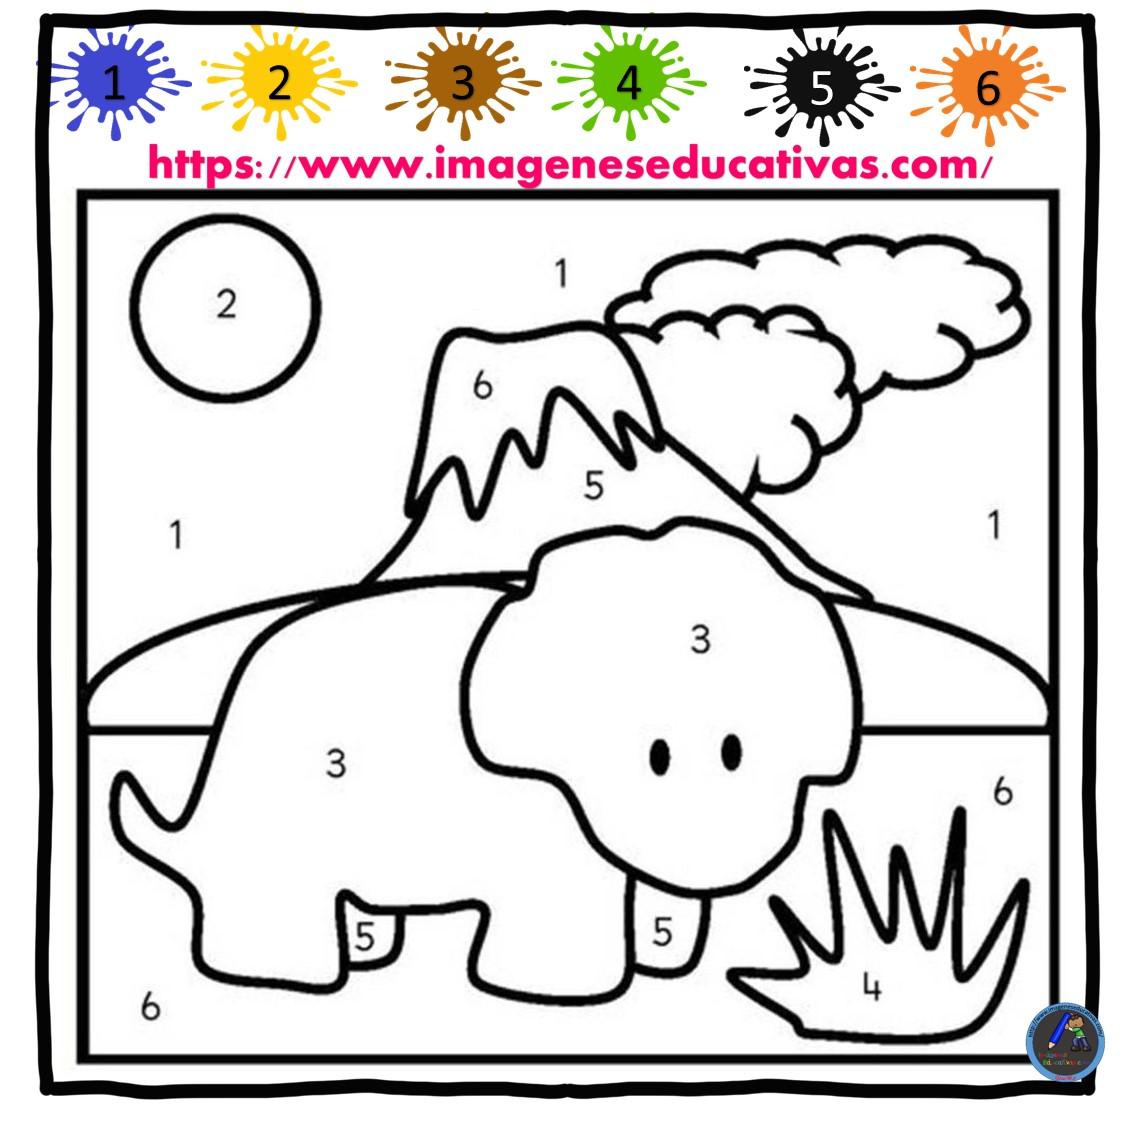 Colorea por números (4) - Imagenes Educativas